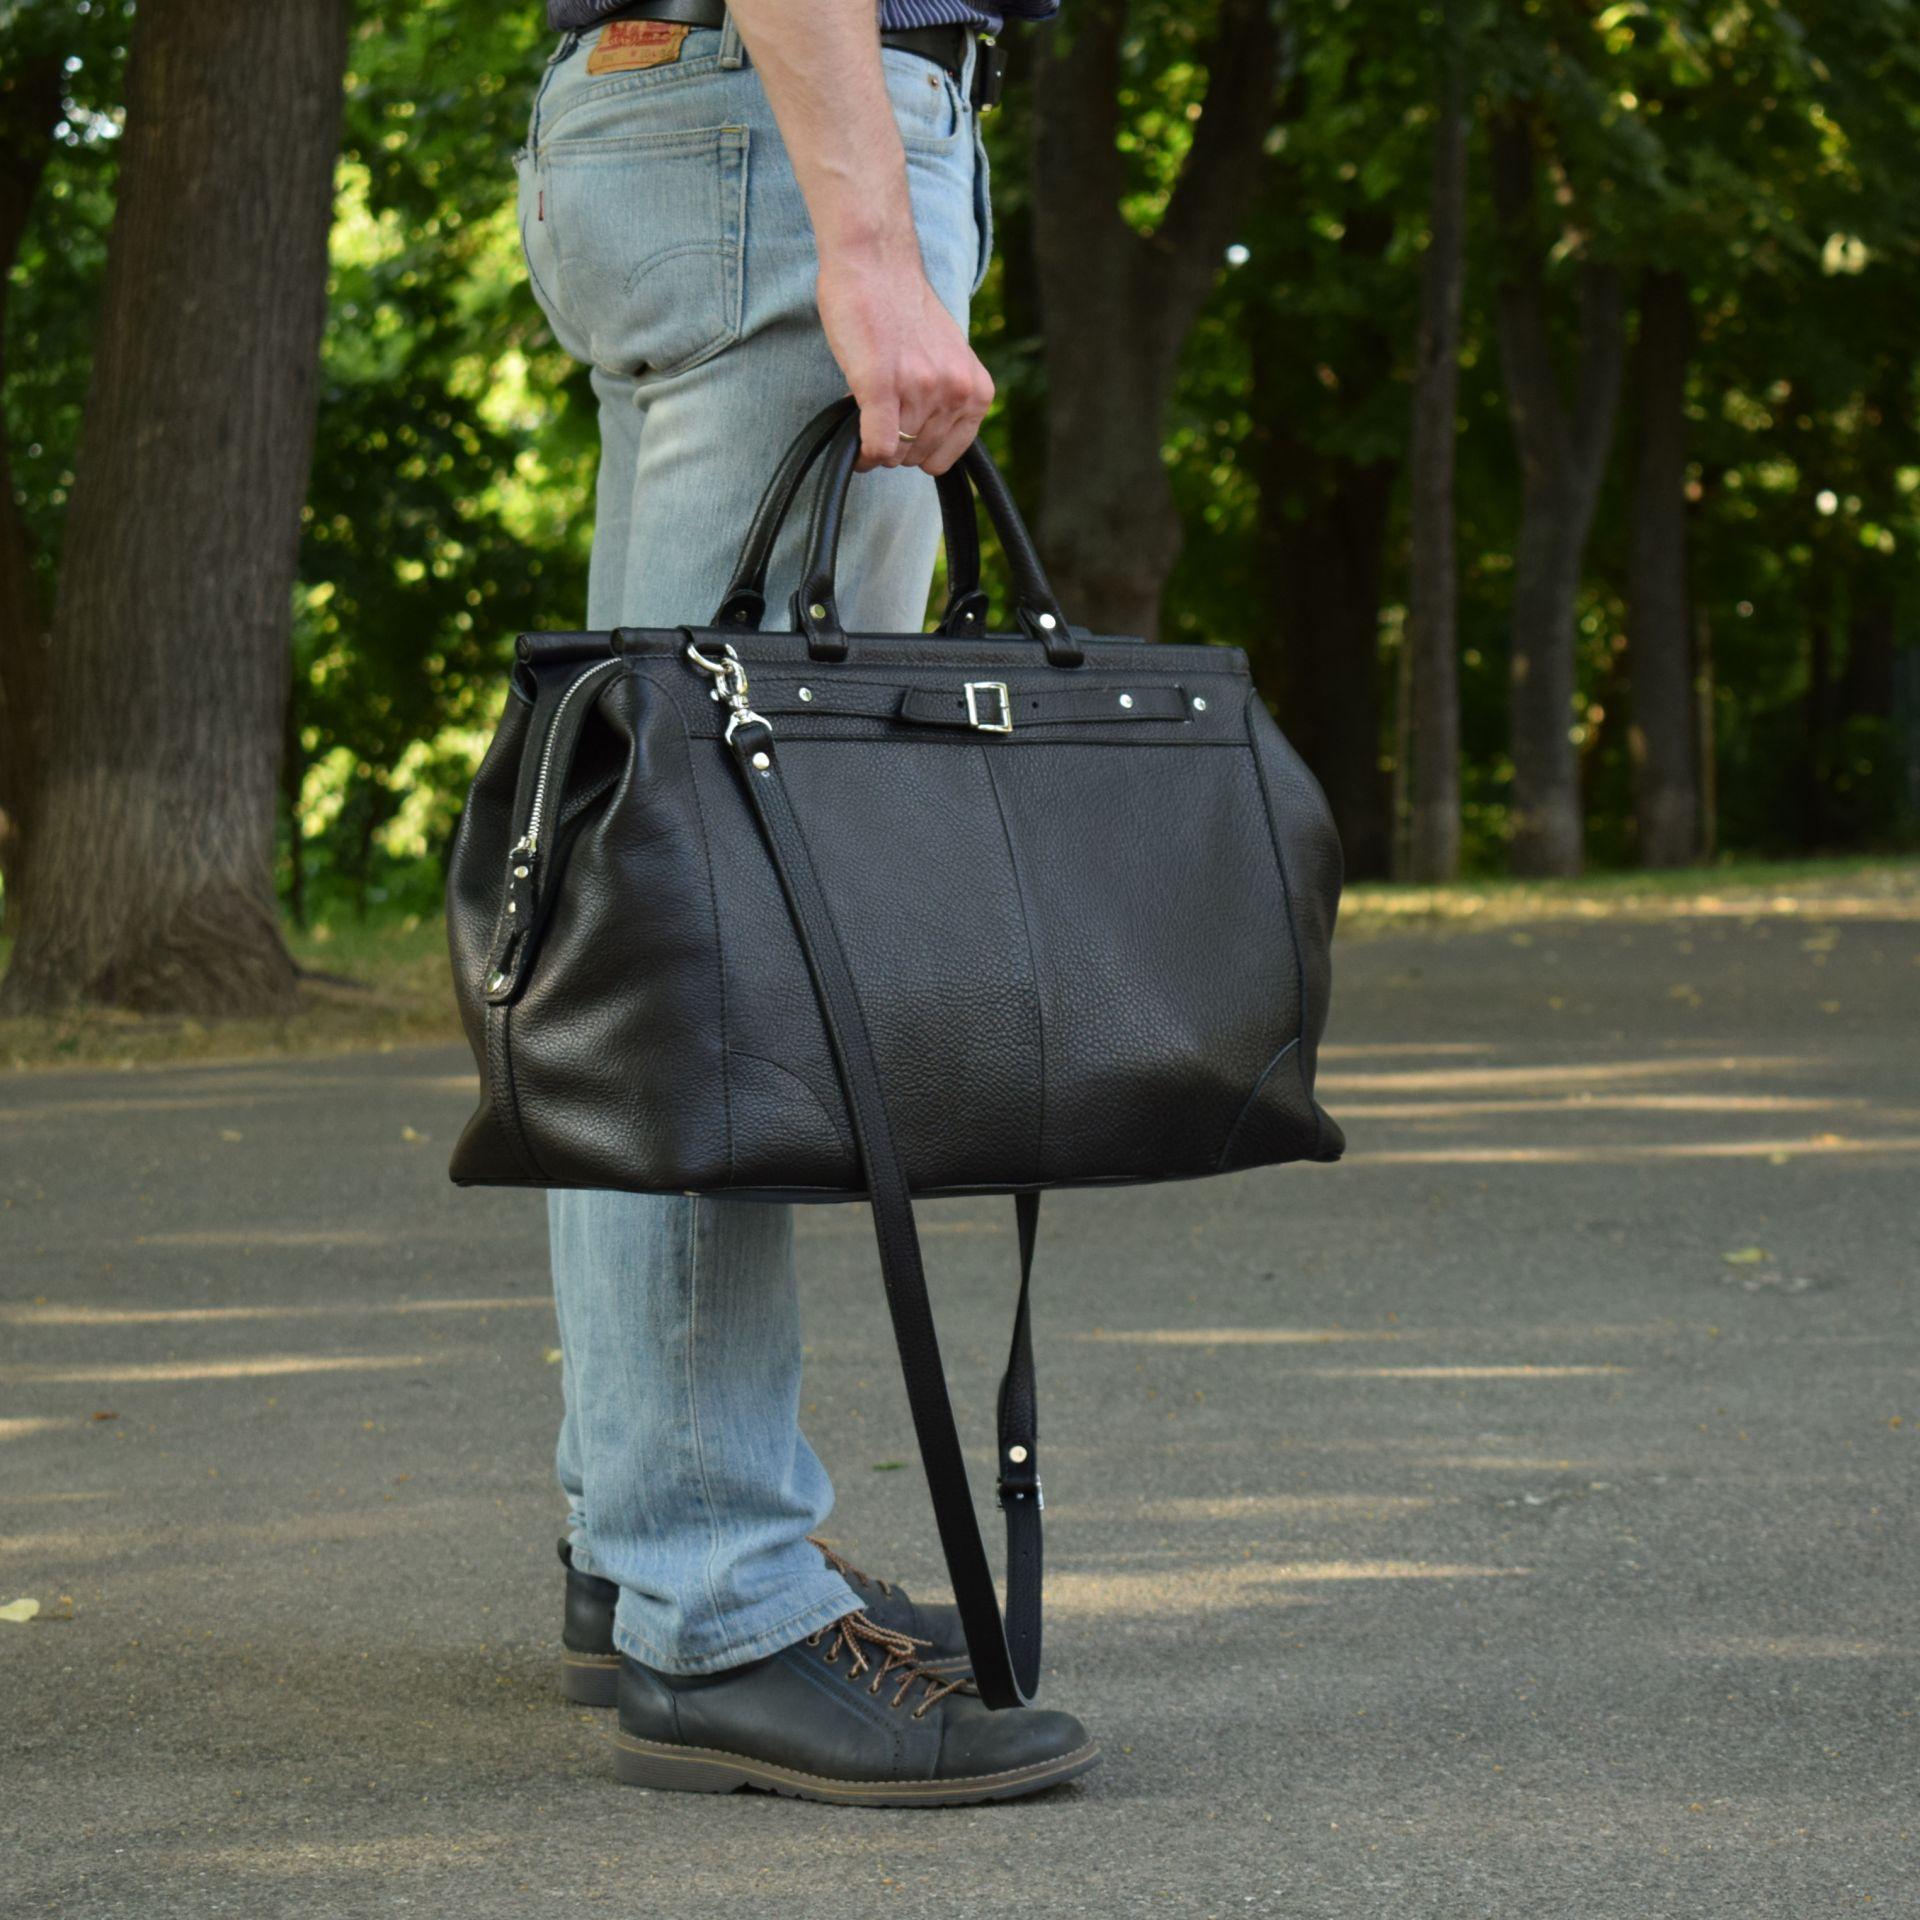 c0be26445f67 Кожаный саквояж SB1995 (702312). Кожаный дорожные сумки, саквожяи ...